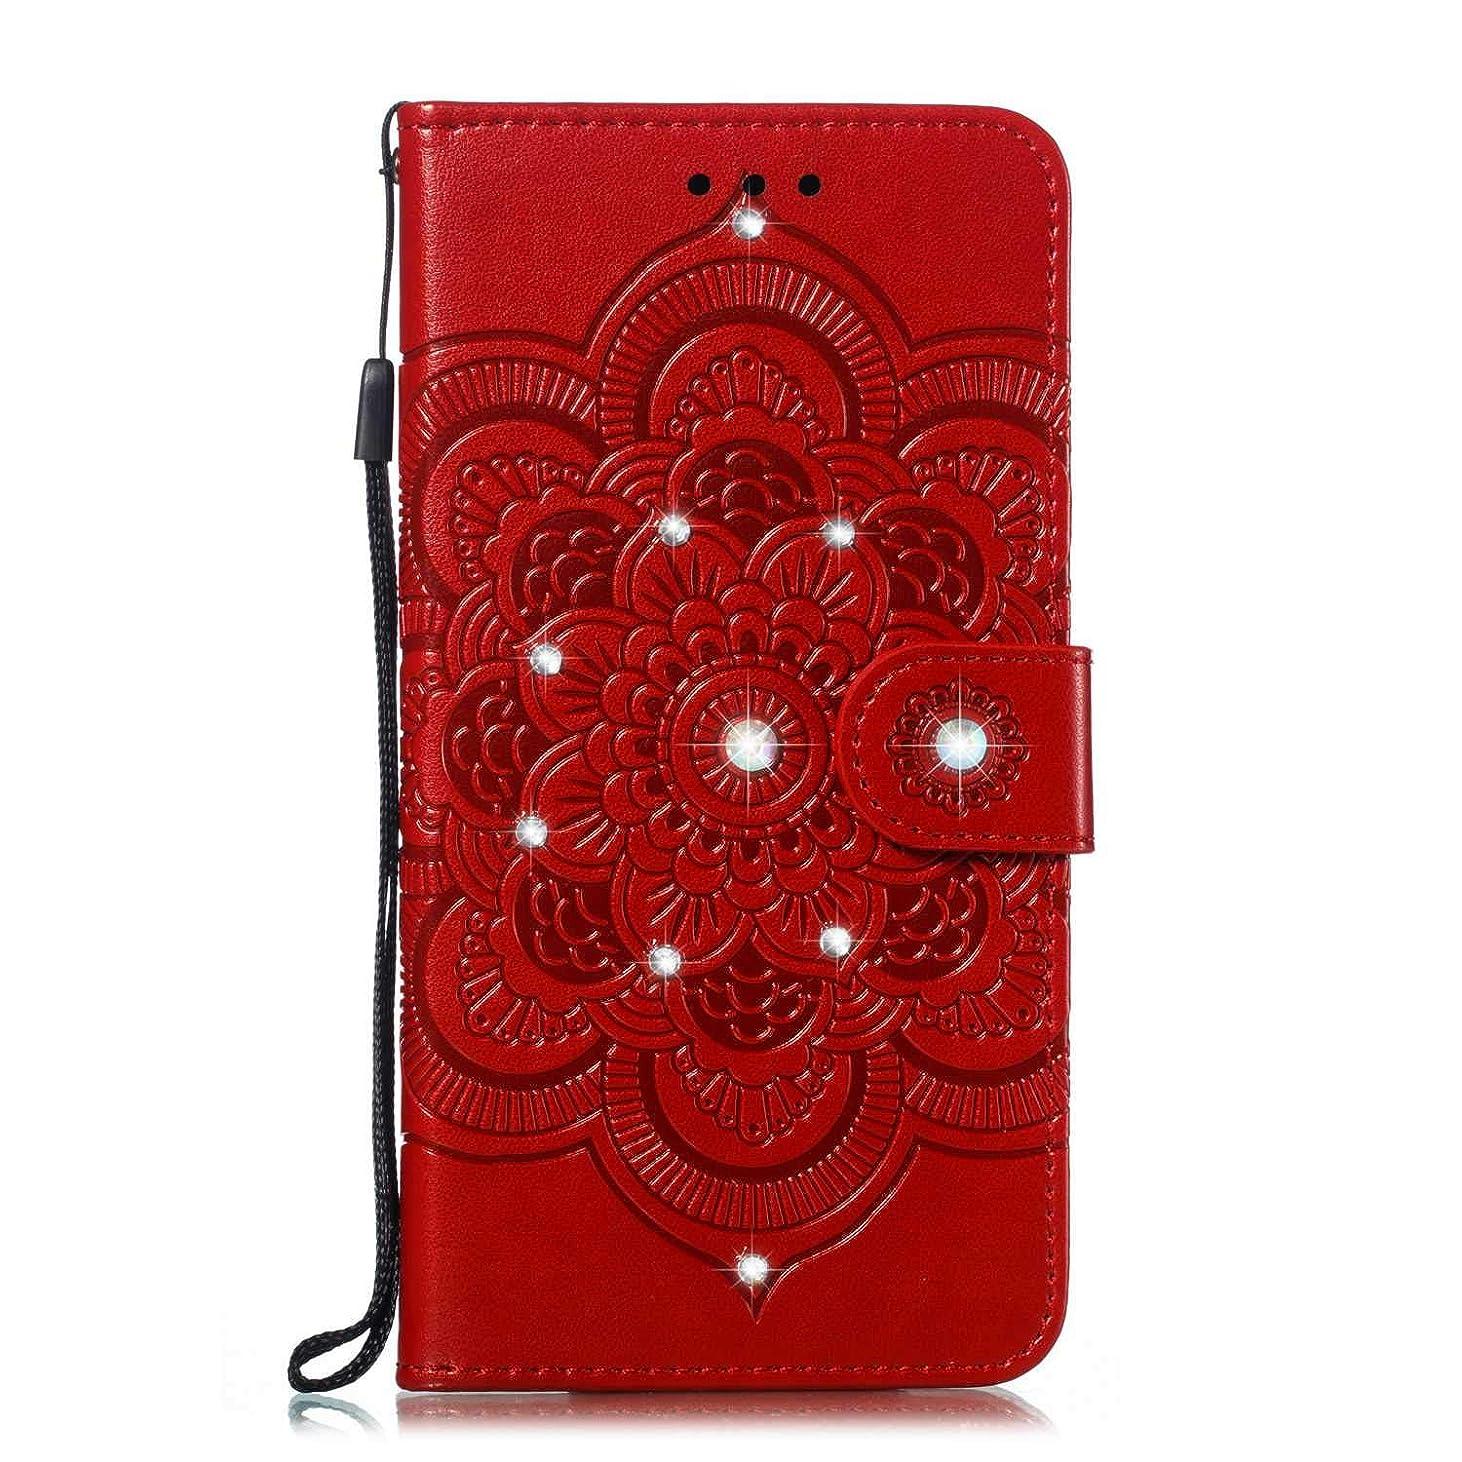 ゴム眠いです独裁者OMATENTI Galaxy J4 2018 ケース 手帳型 かわいい レディース用 合皮PUレザー 財布型 保護ケース ザー カード収納 スタンド 機能 マグネット 人気 高品質 ダイヤモンドの輝き マンダラのエンボス加工 ケース, 赤